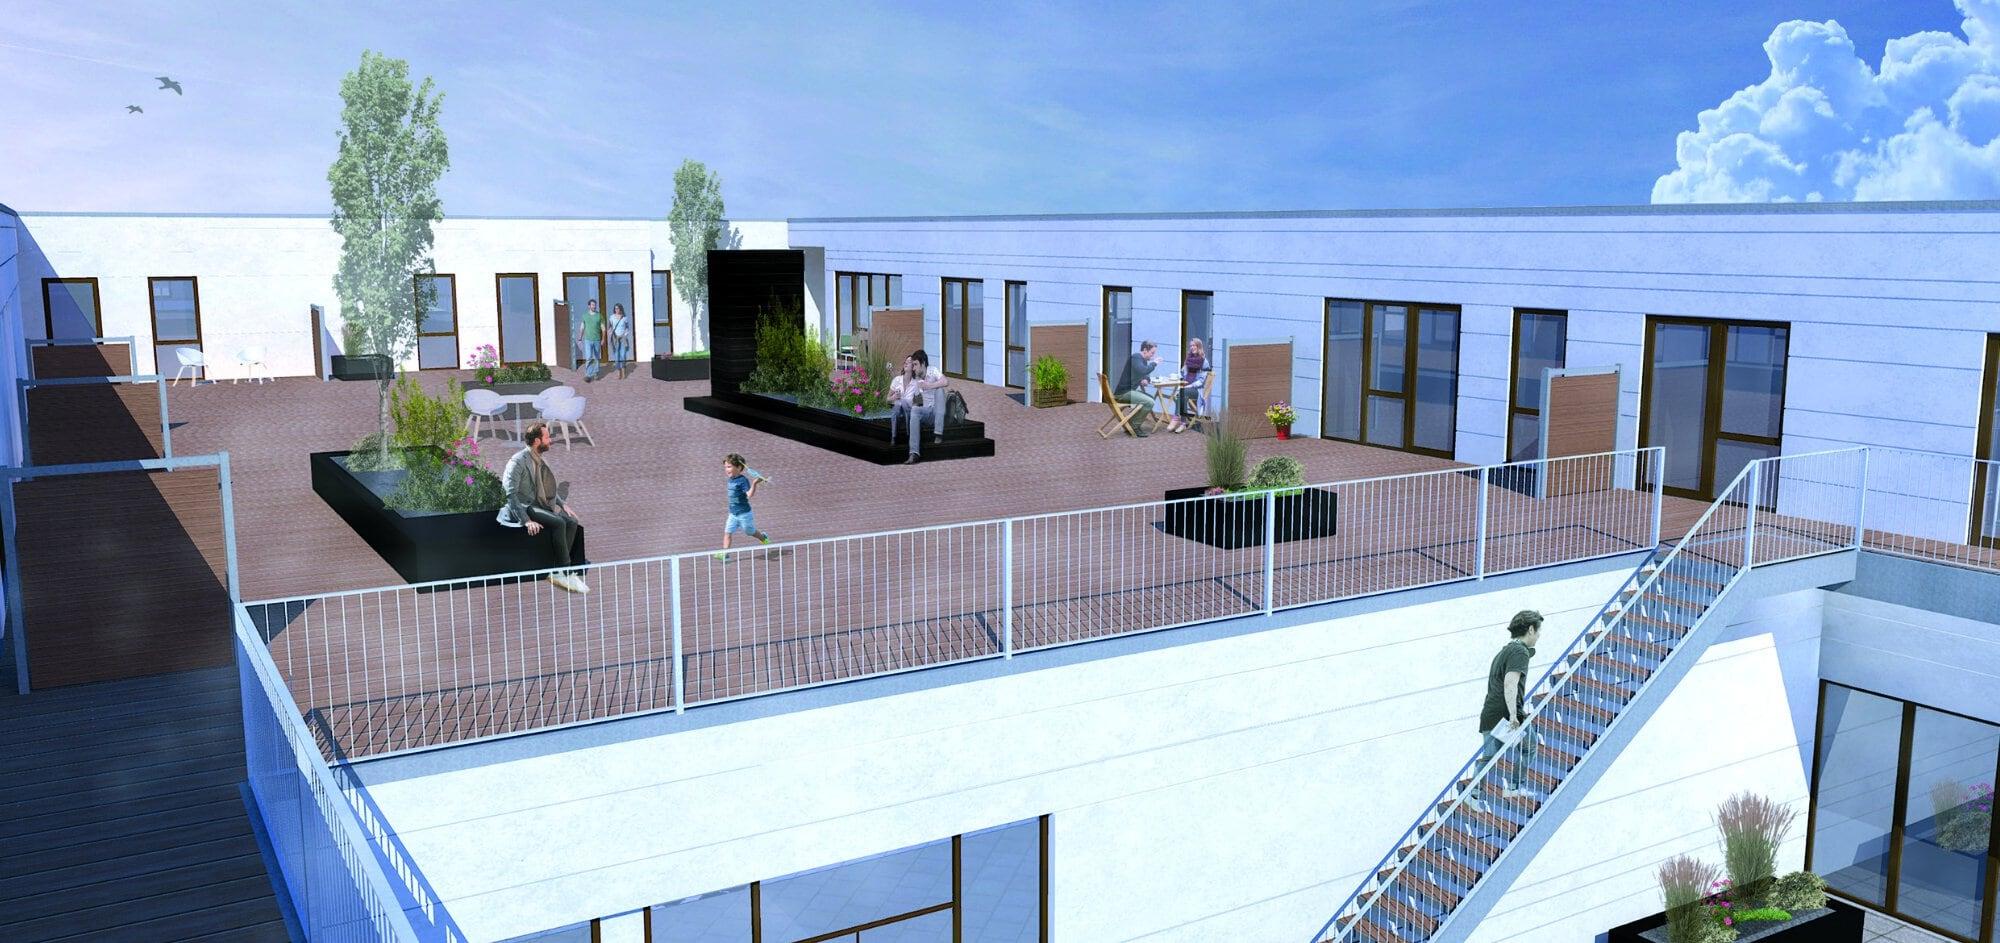 Udviklingen fortsætter i Sct. Jørgens Park